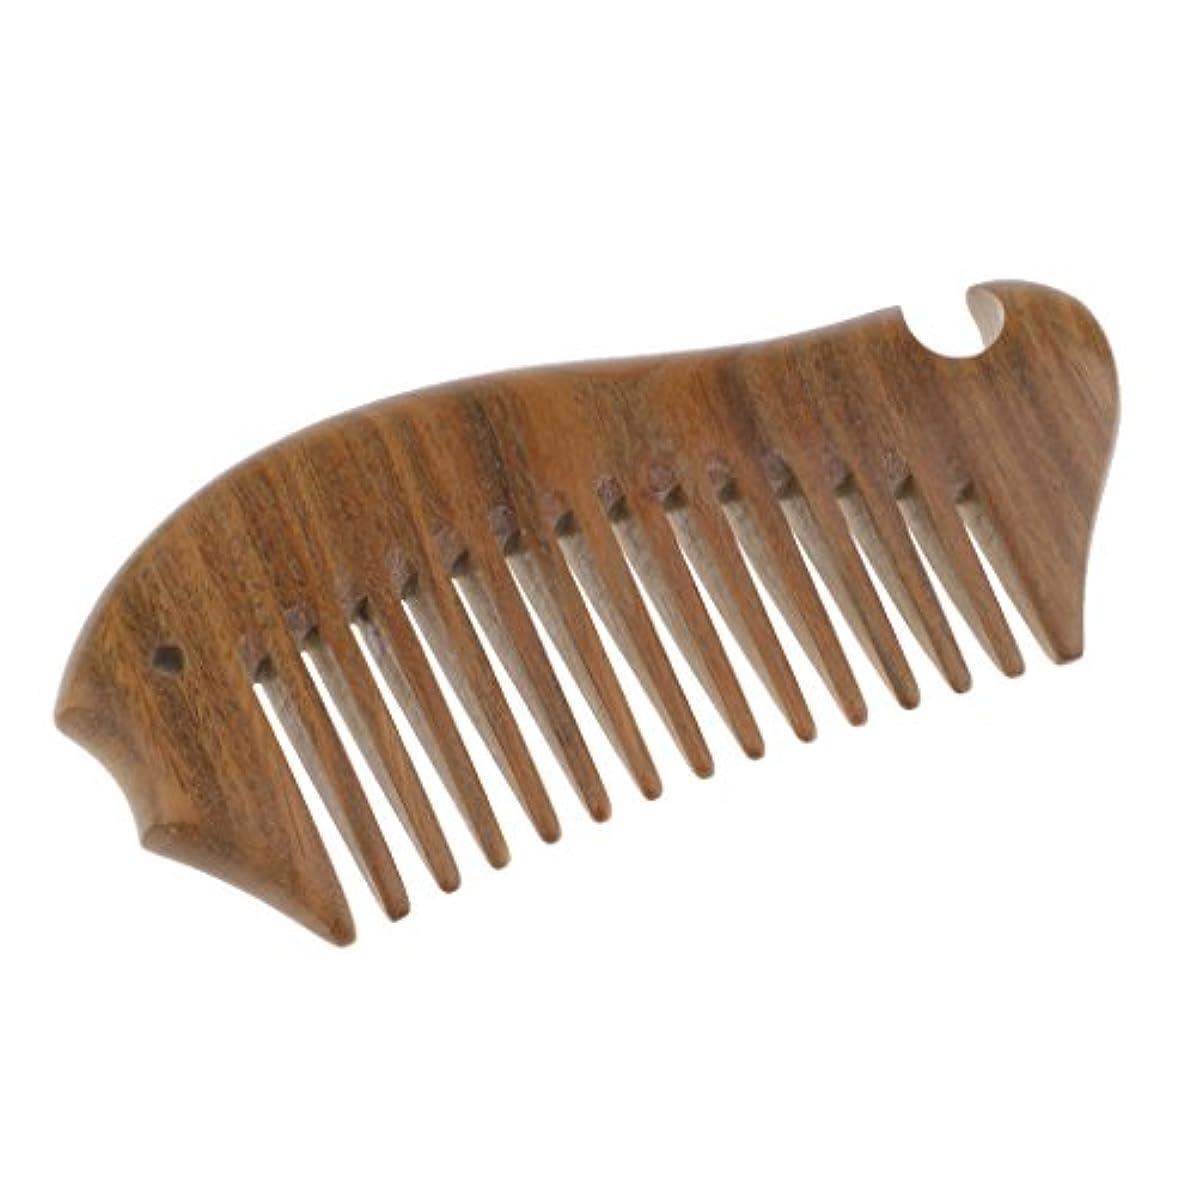 敬な砂の暗殺Toygogo ポケットサンダルウッドワイドトゥースコーム-ロング/ウェット/カーリー用ウッドヘアブラシは、脱毛とふけを減らす